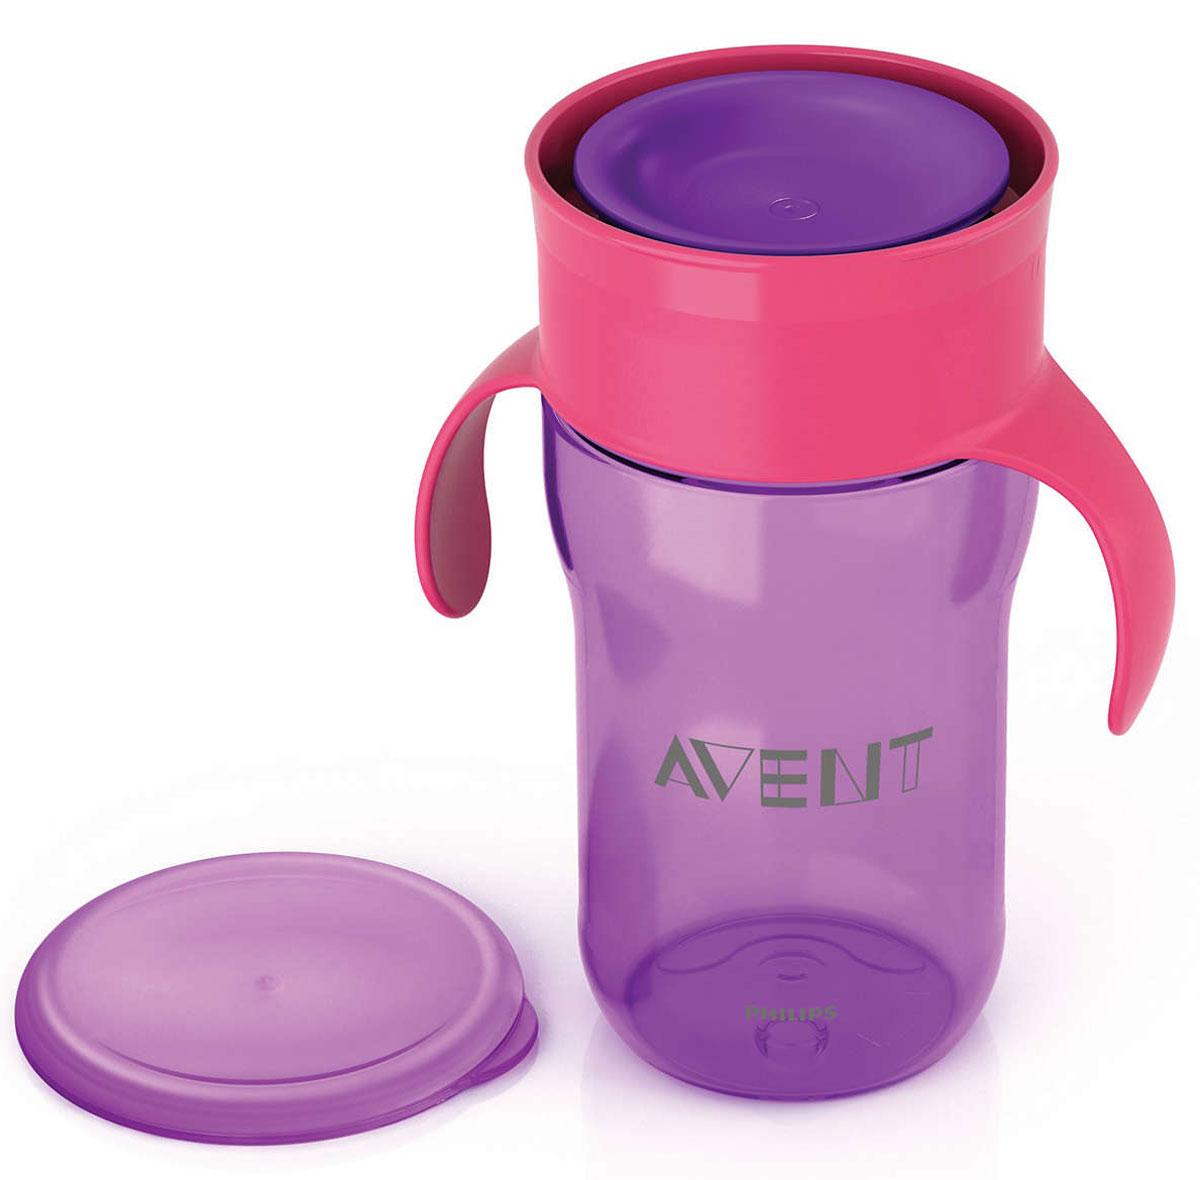 """Philips Avent """"Взрослая"""" чашка, 340 мл, 18м+, 1 шт фиолетовый SCF784/00"""